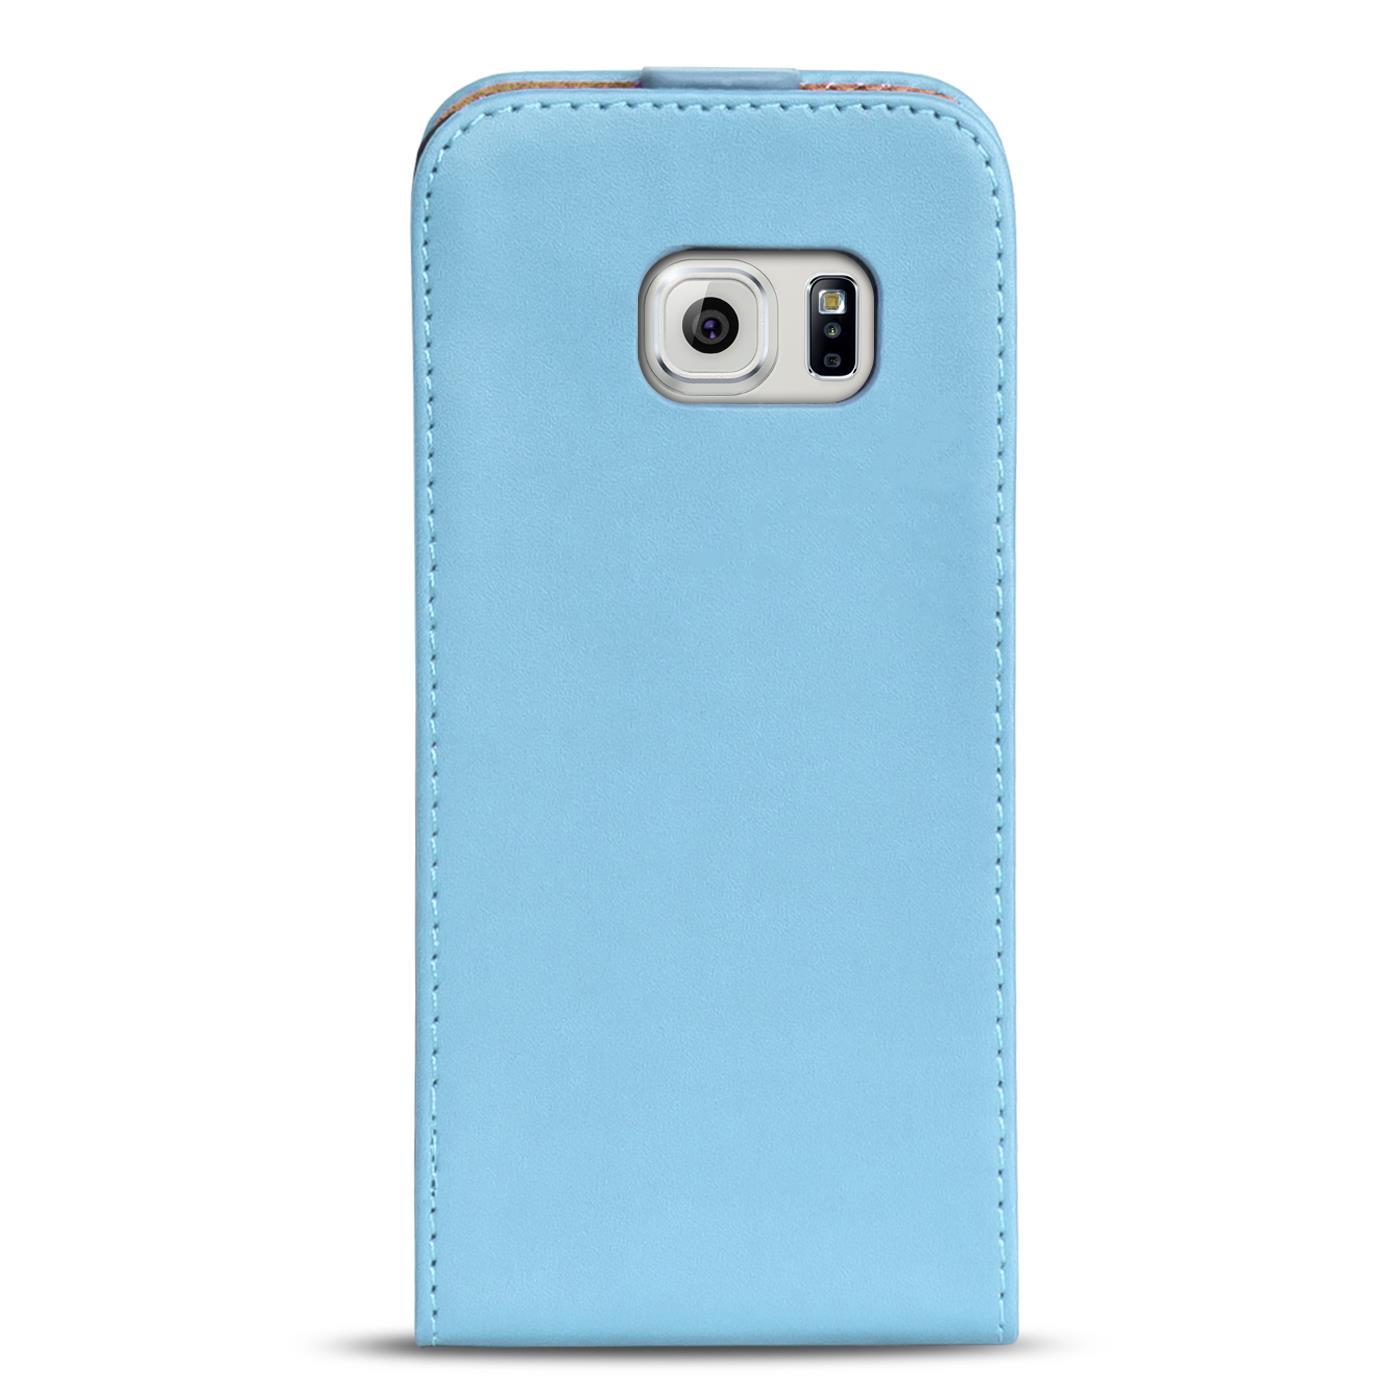 Klapphuelle-Samsung-Galaxy-Flip-Case-Tasche-Schutzhuelle-Cover-Schutz-Handy-Huelle Indexbild 53